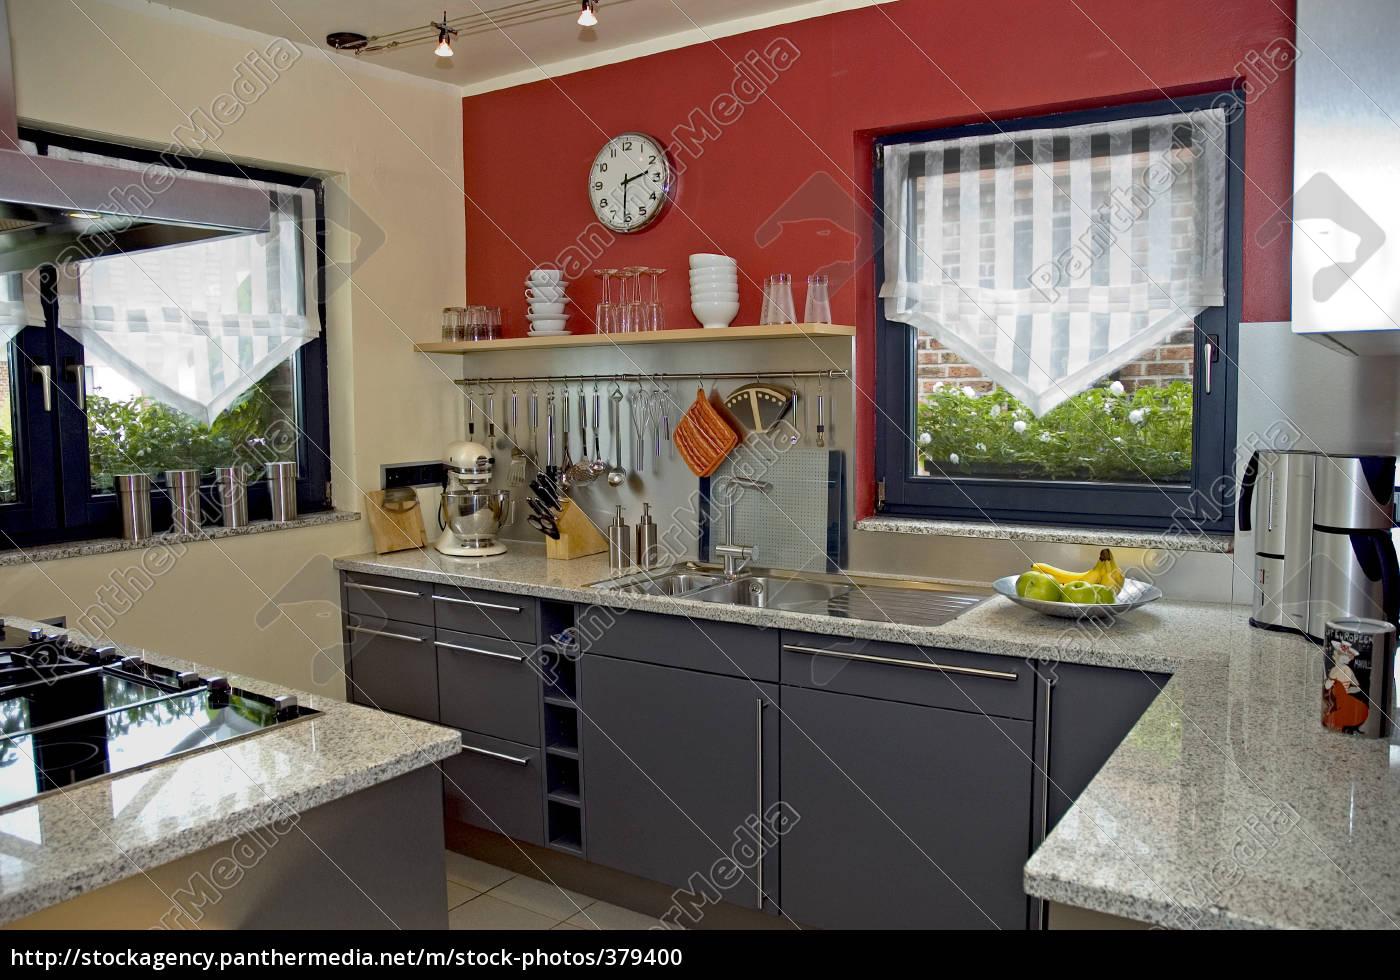 kitchen, facilities - 379400